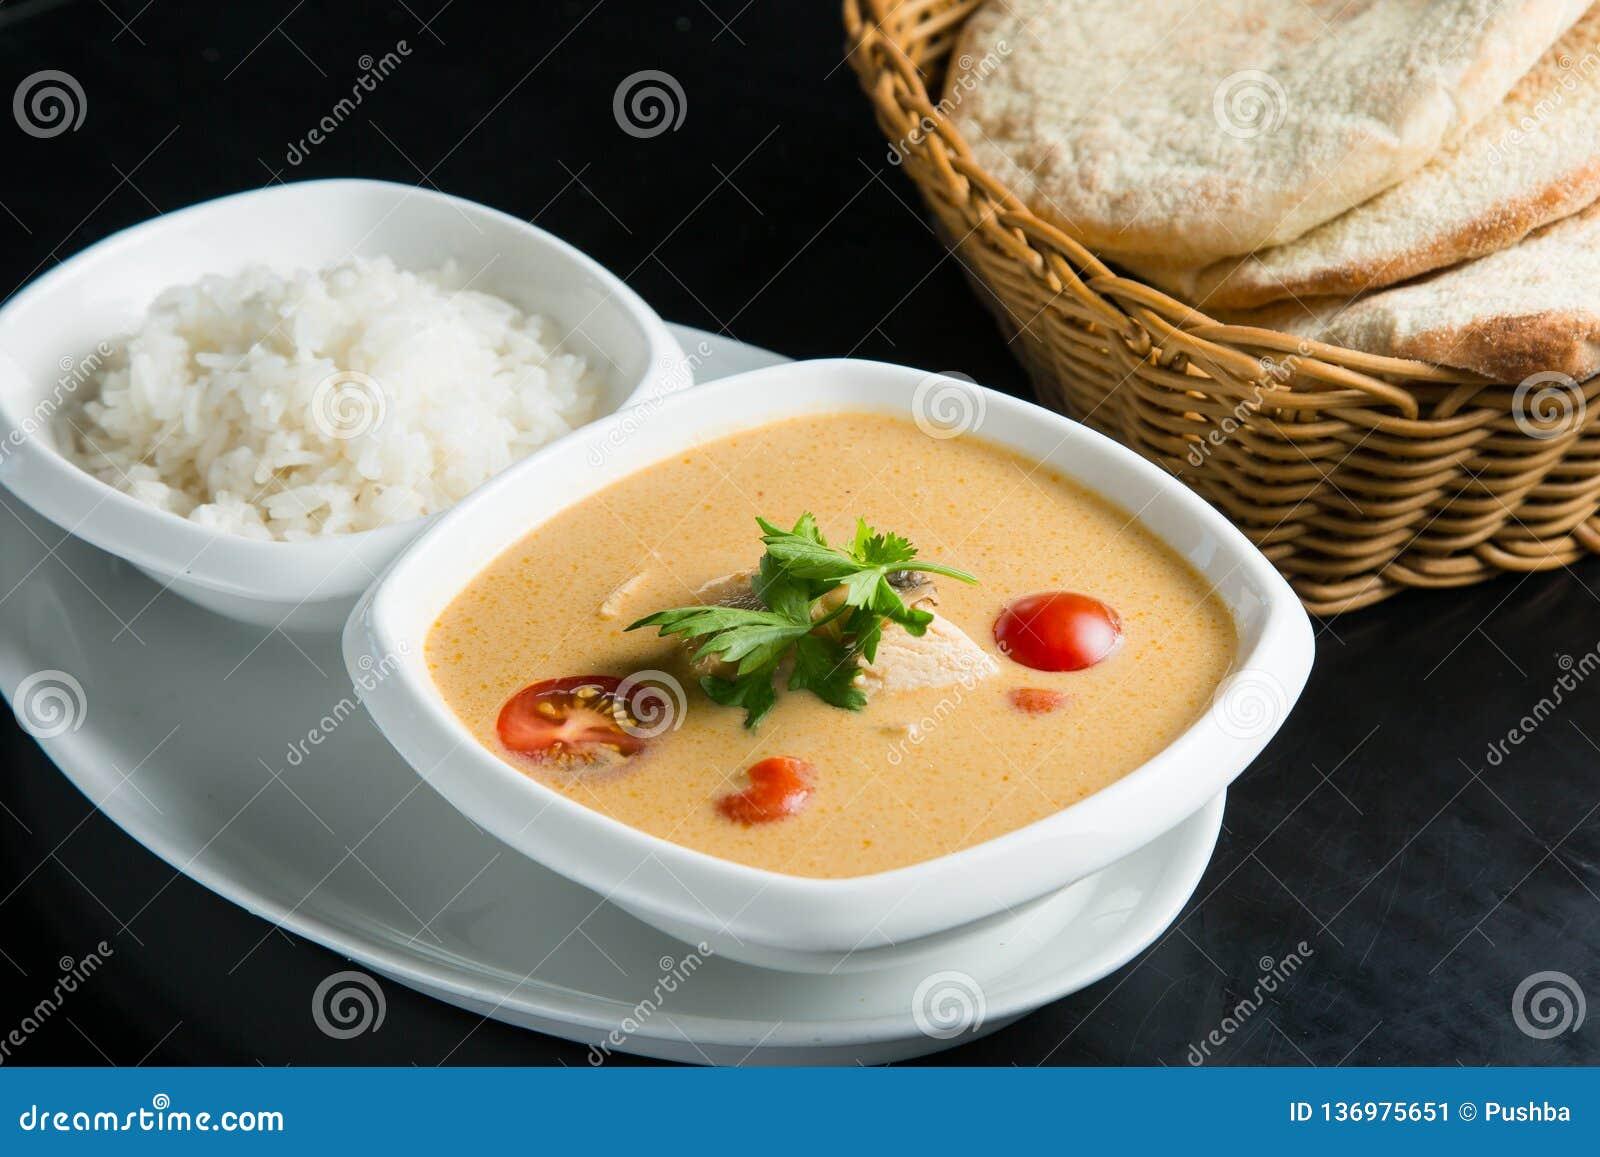 Sopa de los pescados con crema agria